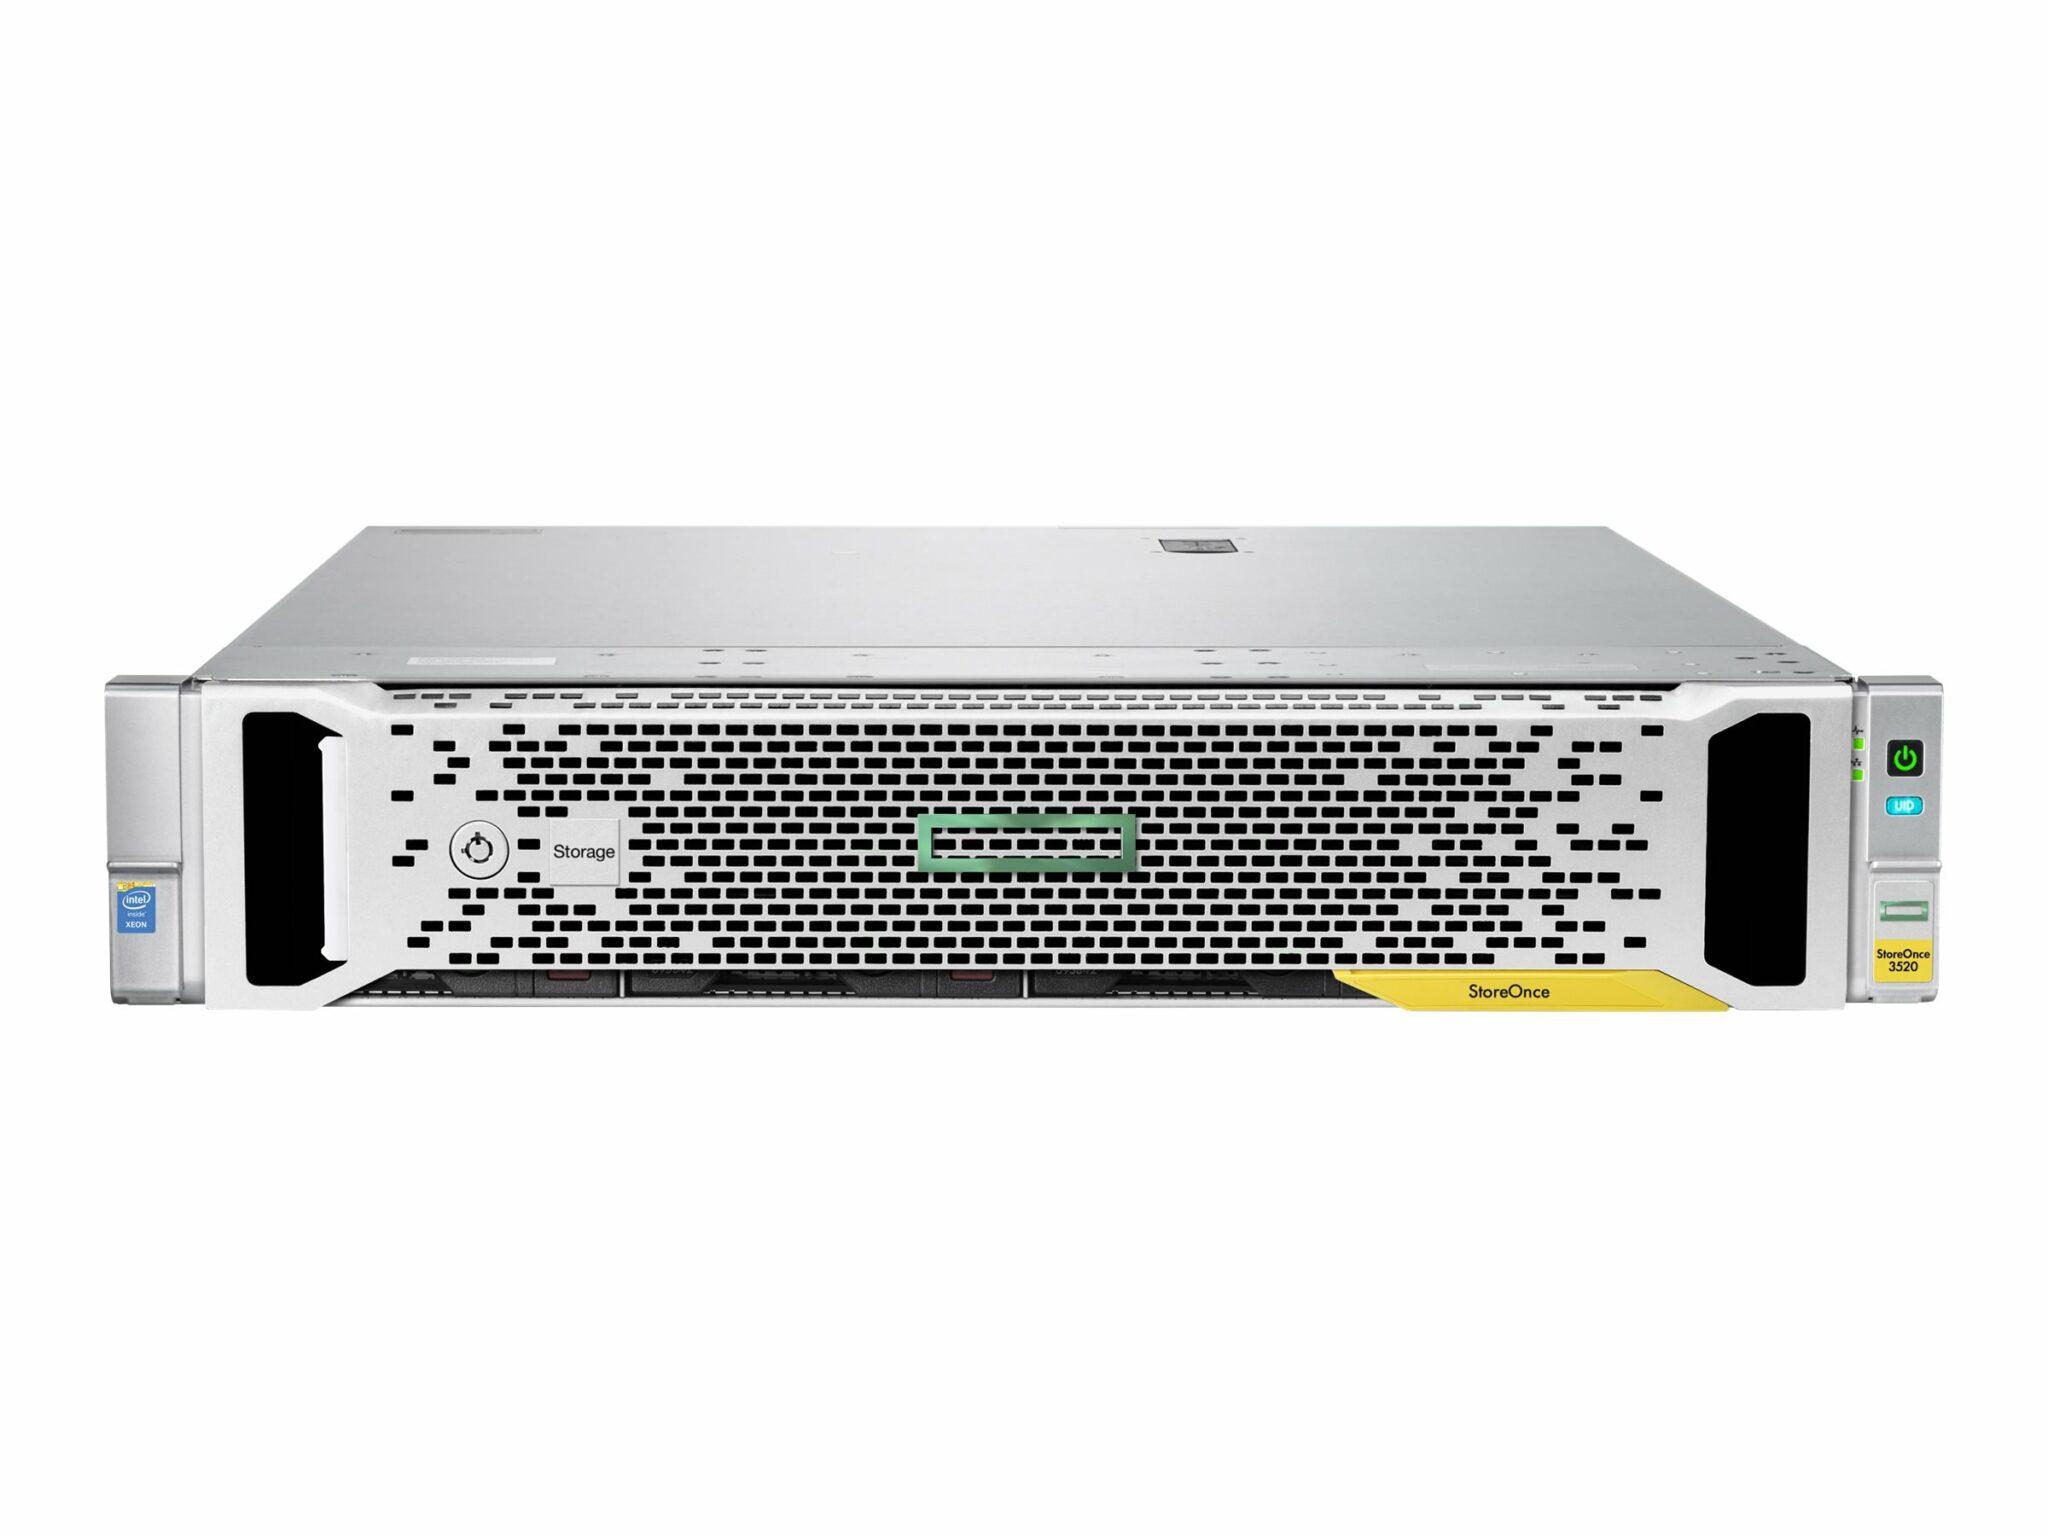 Hpe-dl380-gen10-4110-1p-32g-12lff-server